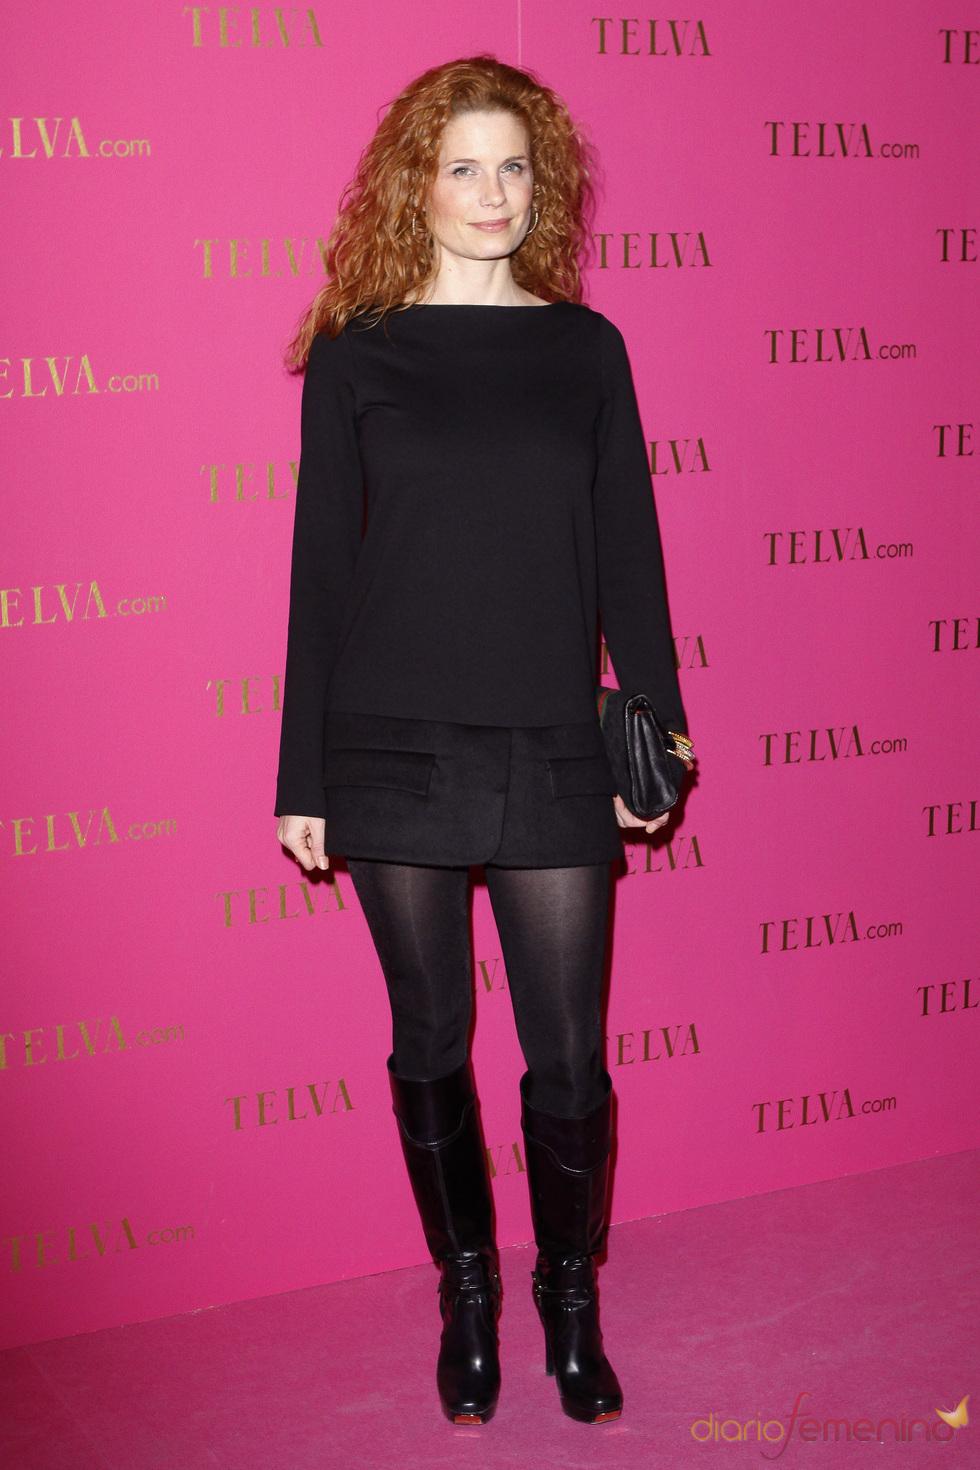 Olivia de Borbón en los premios Telva Belleza 2011